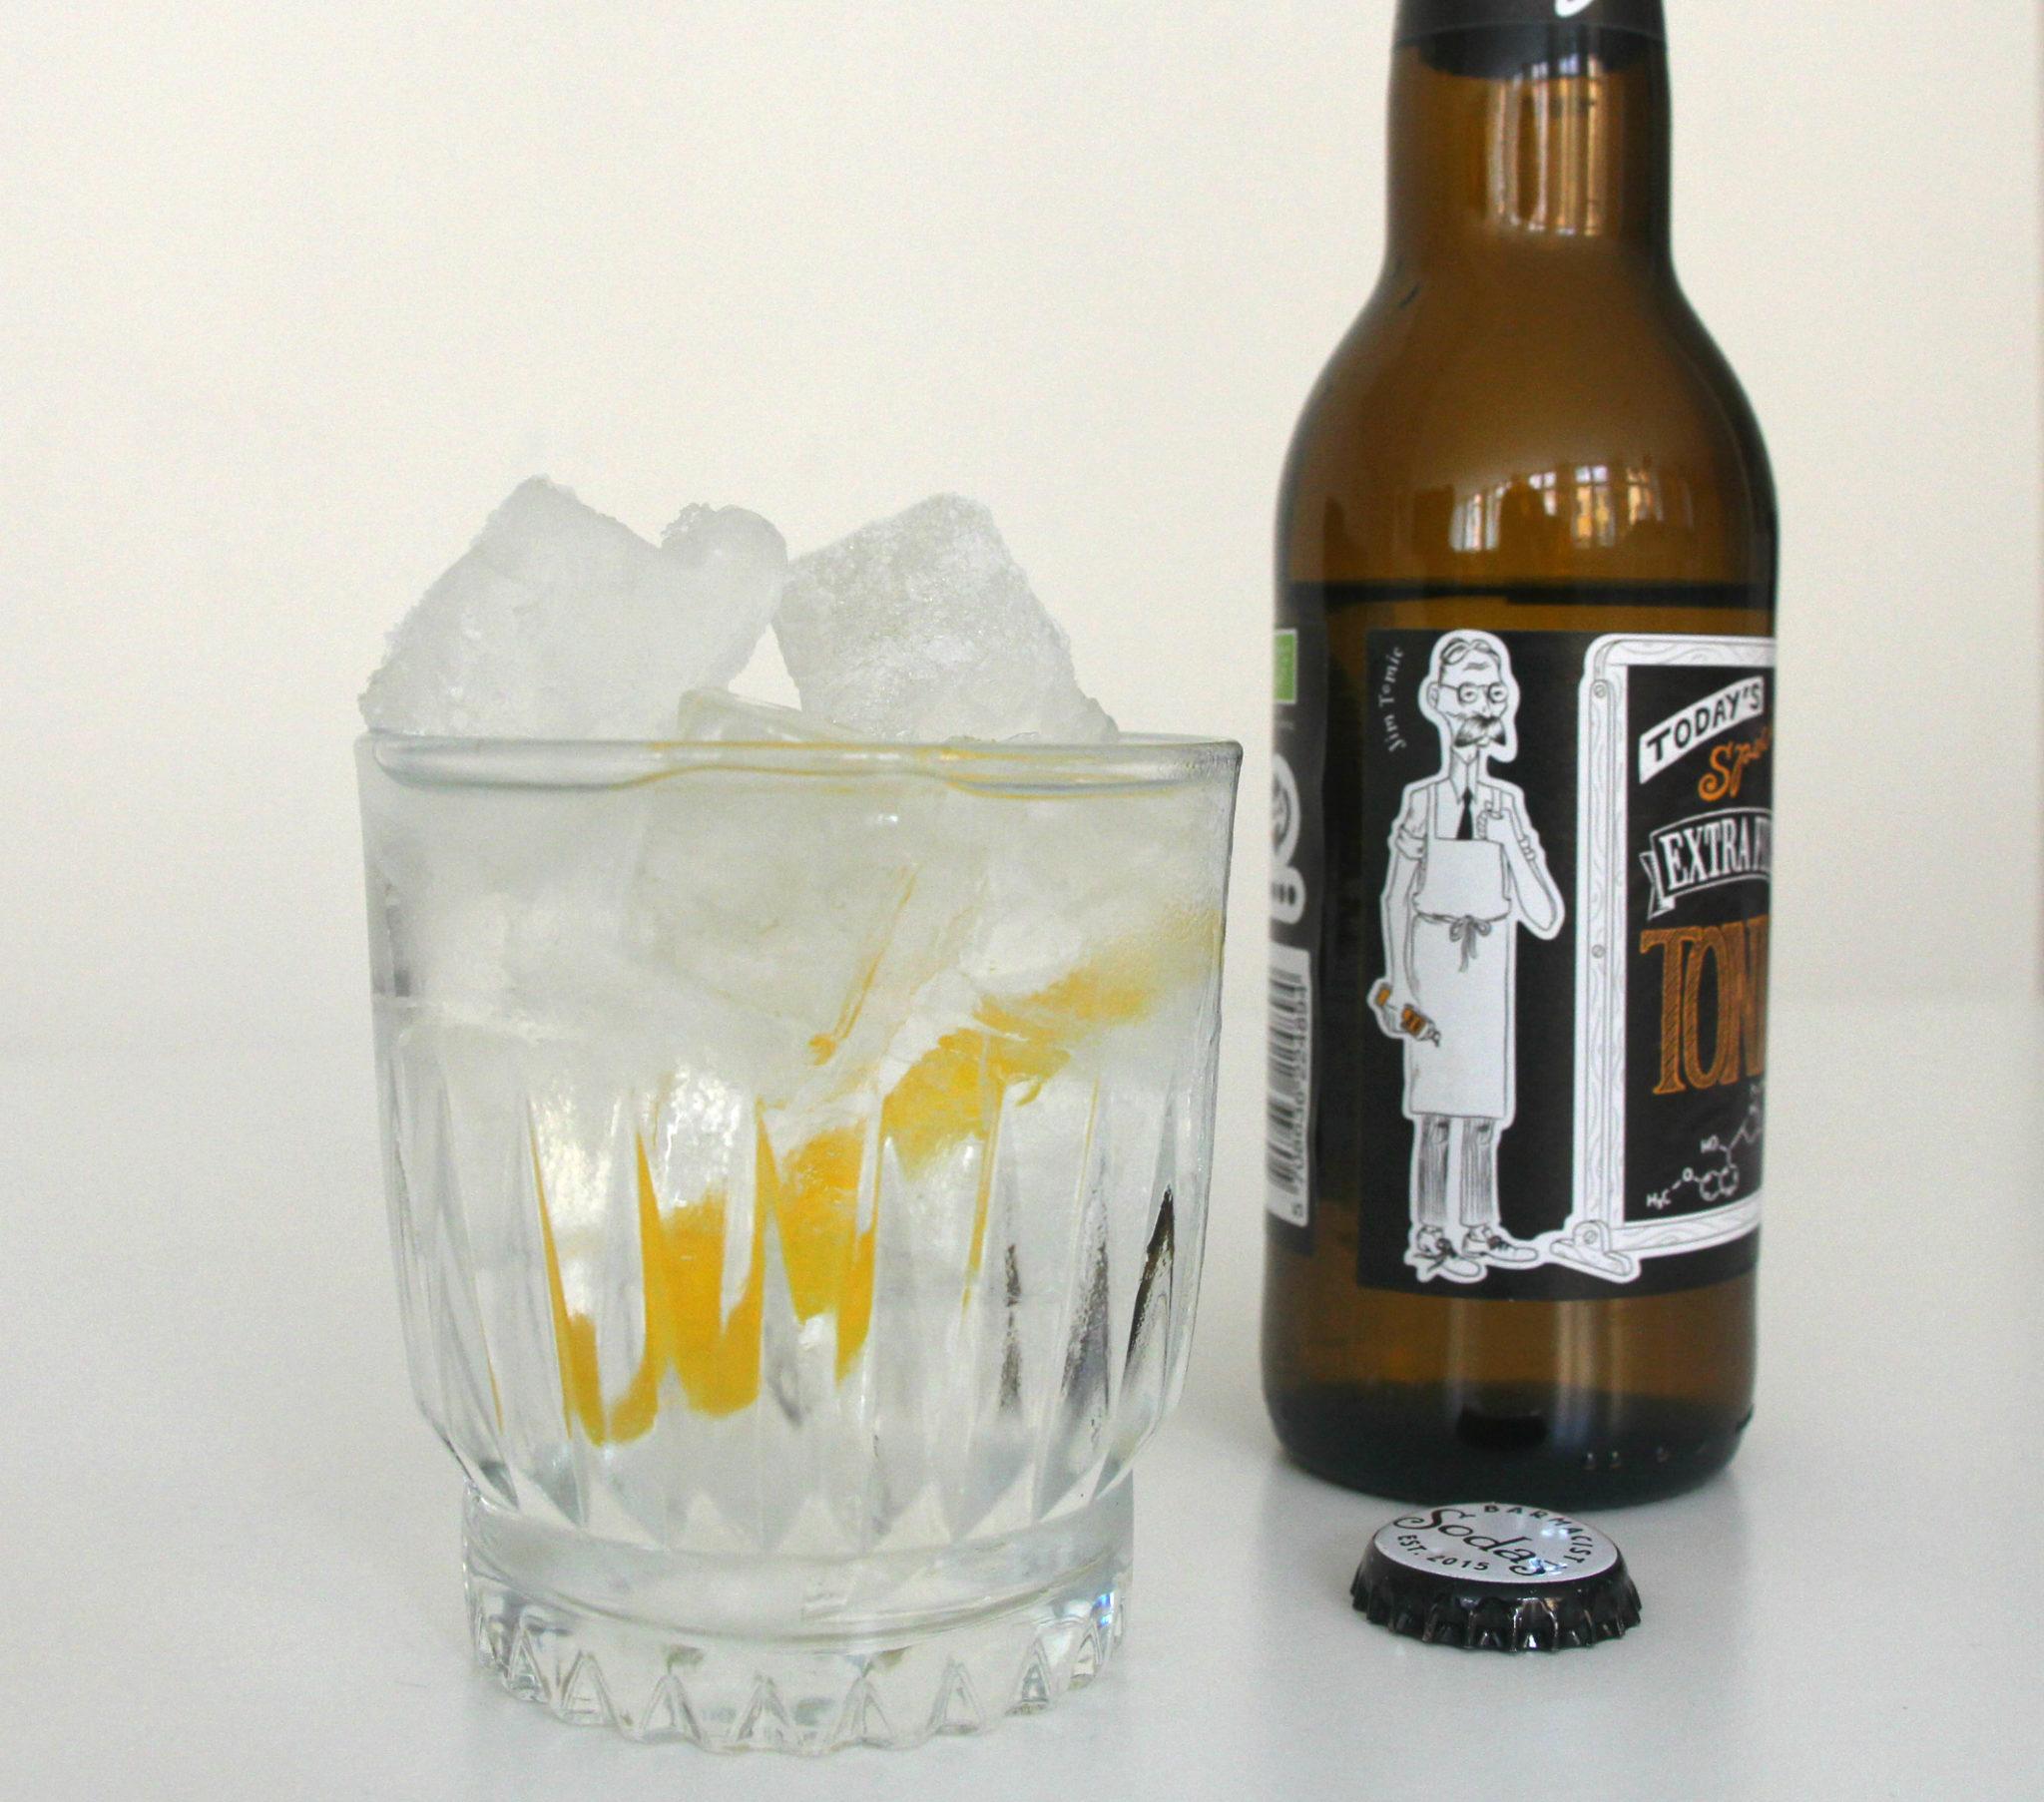 geranium gin pris